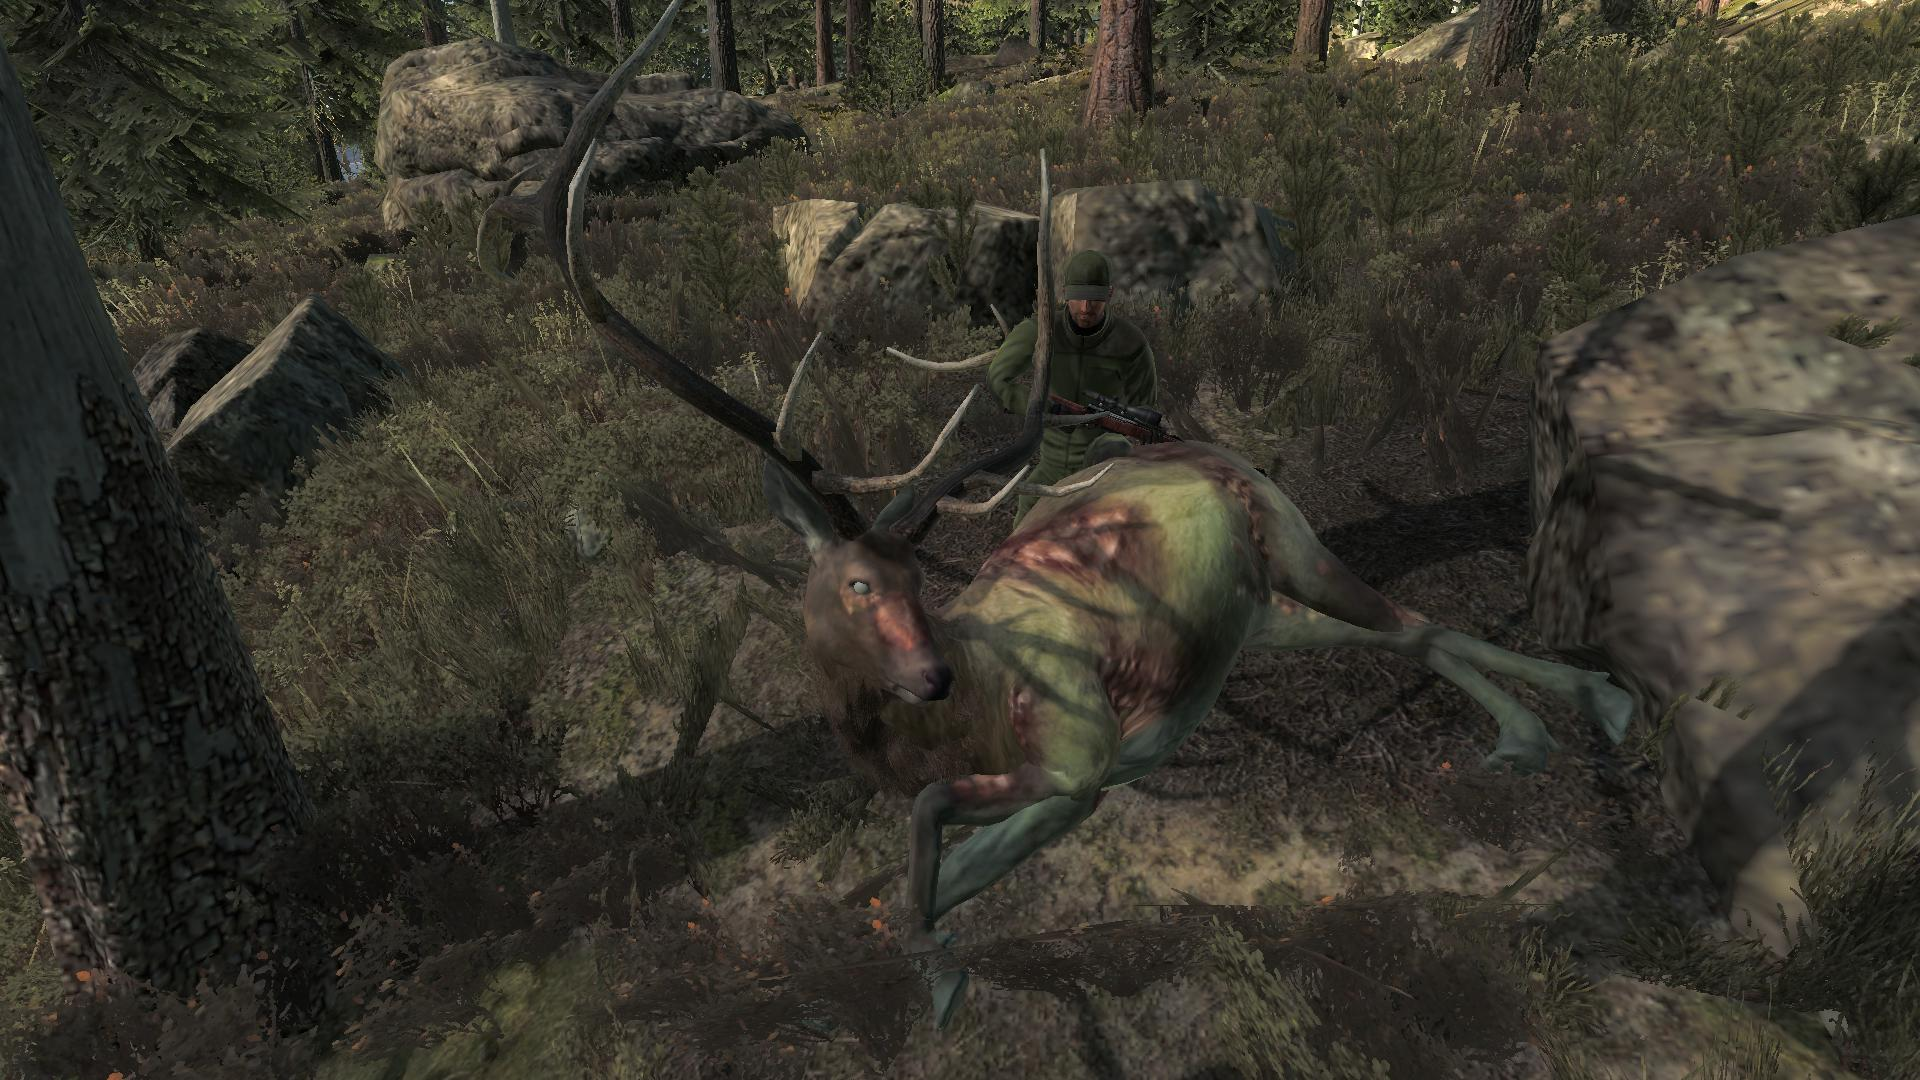 Halloween 2016 - Rocky Mountain Elk (Bestia) zombie F3a9299348e73290a41441a4849886595e79fe4e